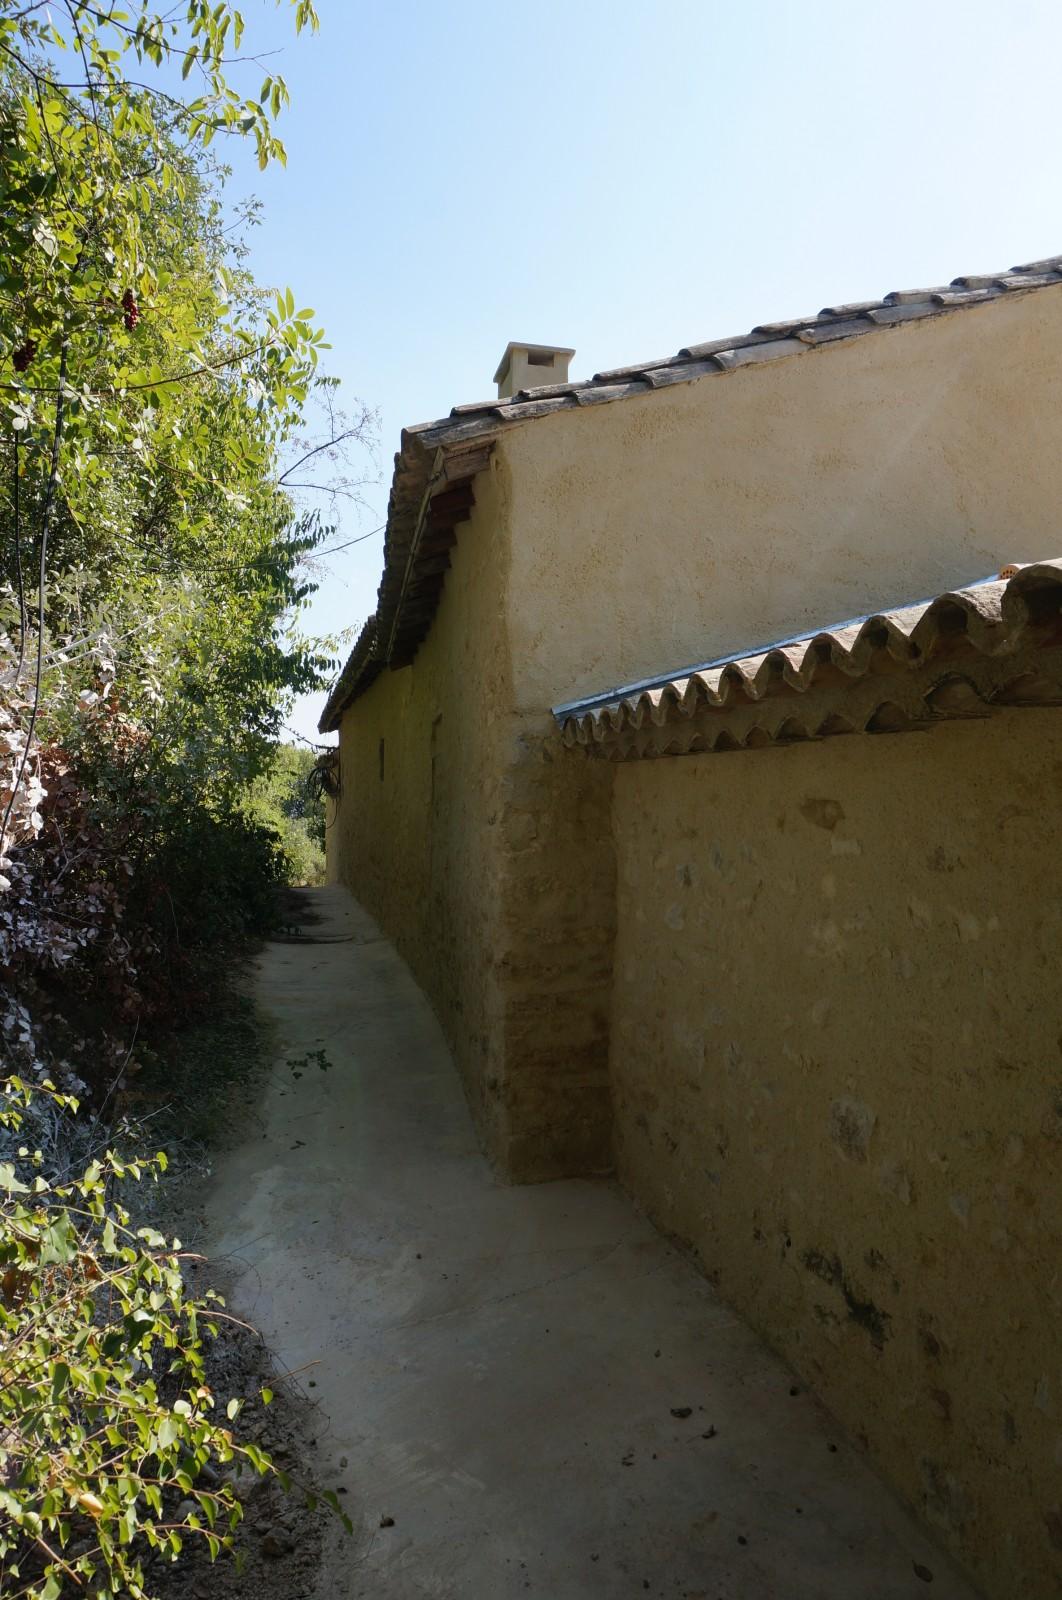 Rénovation et extension mas dans les Alpilles - - Studio Divo - Architecture d'intérieur